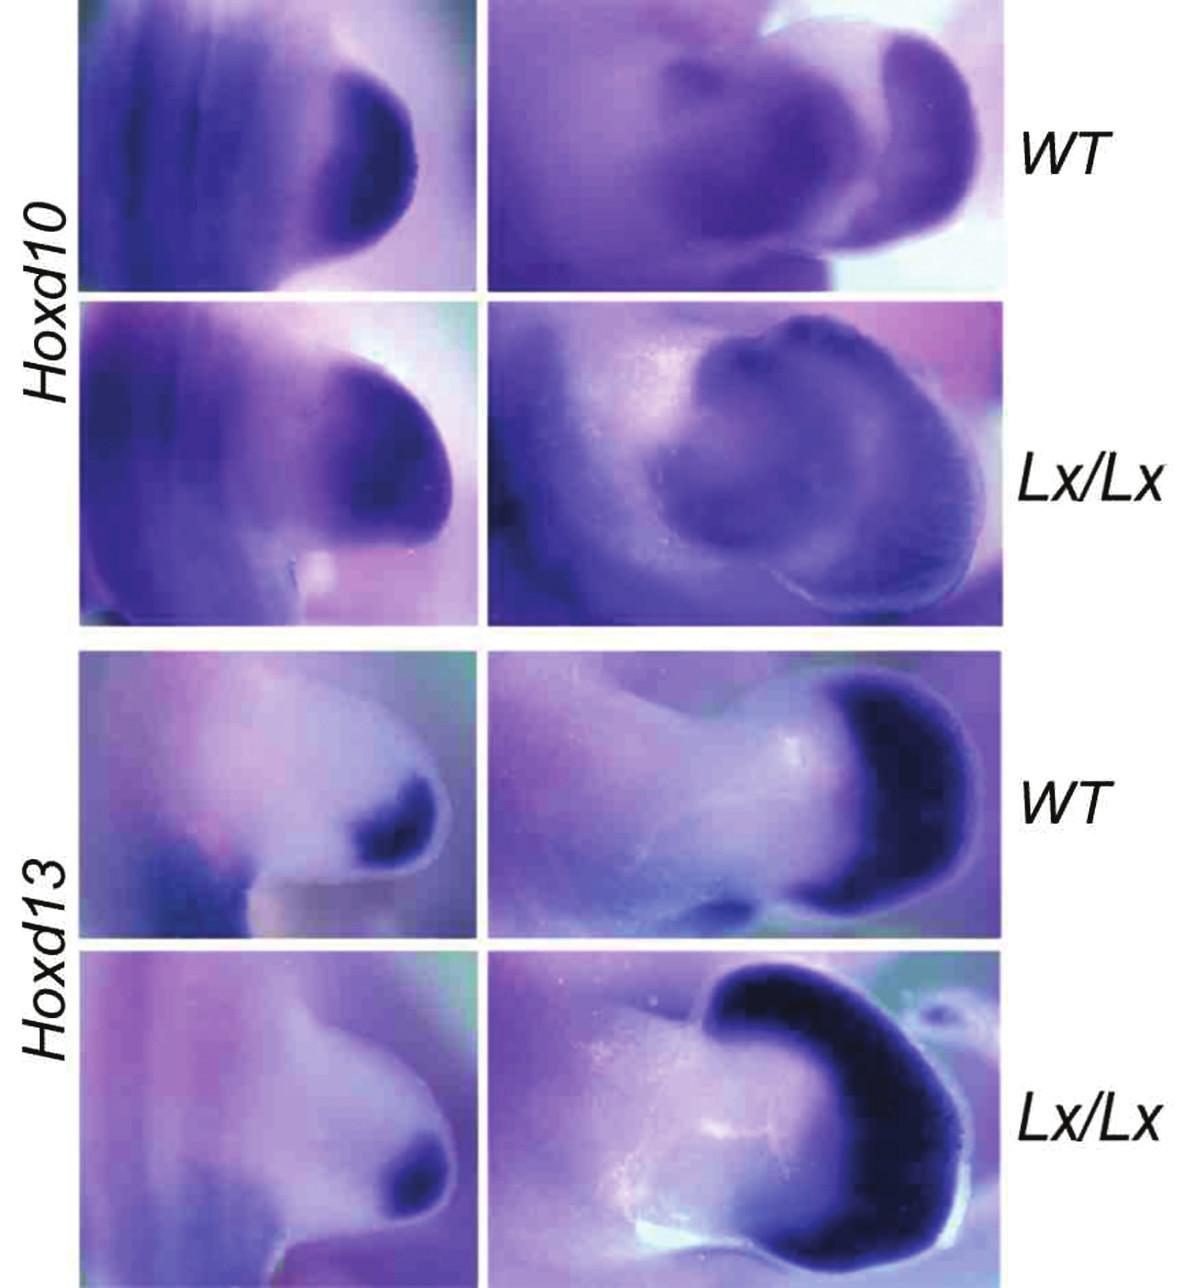 Exprese genů HOXD10 a HOXD13 v zadní končetině embrya kontrolního (WT, wild type) a polydaktylního Lx/Lx potkana ve stáří 13,5 (první vlna – vlevo) a 14,5 embryonálního dne (druhá vlna – vpravo, exprese HOX genů) Horní okraj obrázků je vždy anteriorní (palcová) strana končetiny.  Exprese HOXD genů v autopodiu kontrolního potkana nikdy nedosahuje do jeho nejpřednější části, do oblasti budoucího palce. U Lx polydaktilního potkana je ve stadiu 14,5 embryonálního dne zřetelný posun exprese těchto genů směrem k palci. Ztluštění na palcové straně vyvíjejícího se autopodia je podmíněno základem nadpočetného prstu.